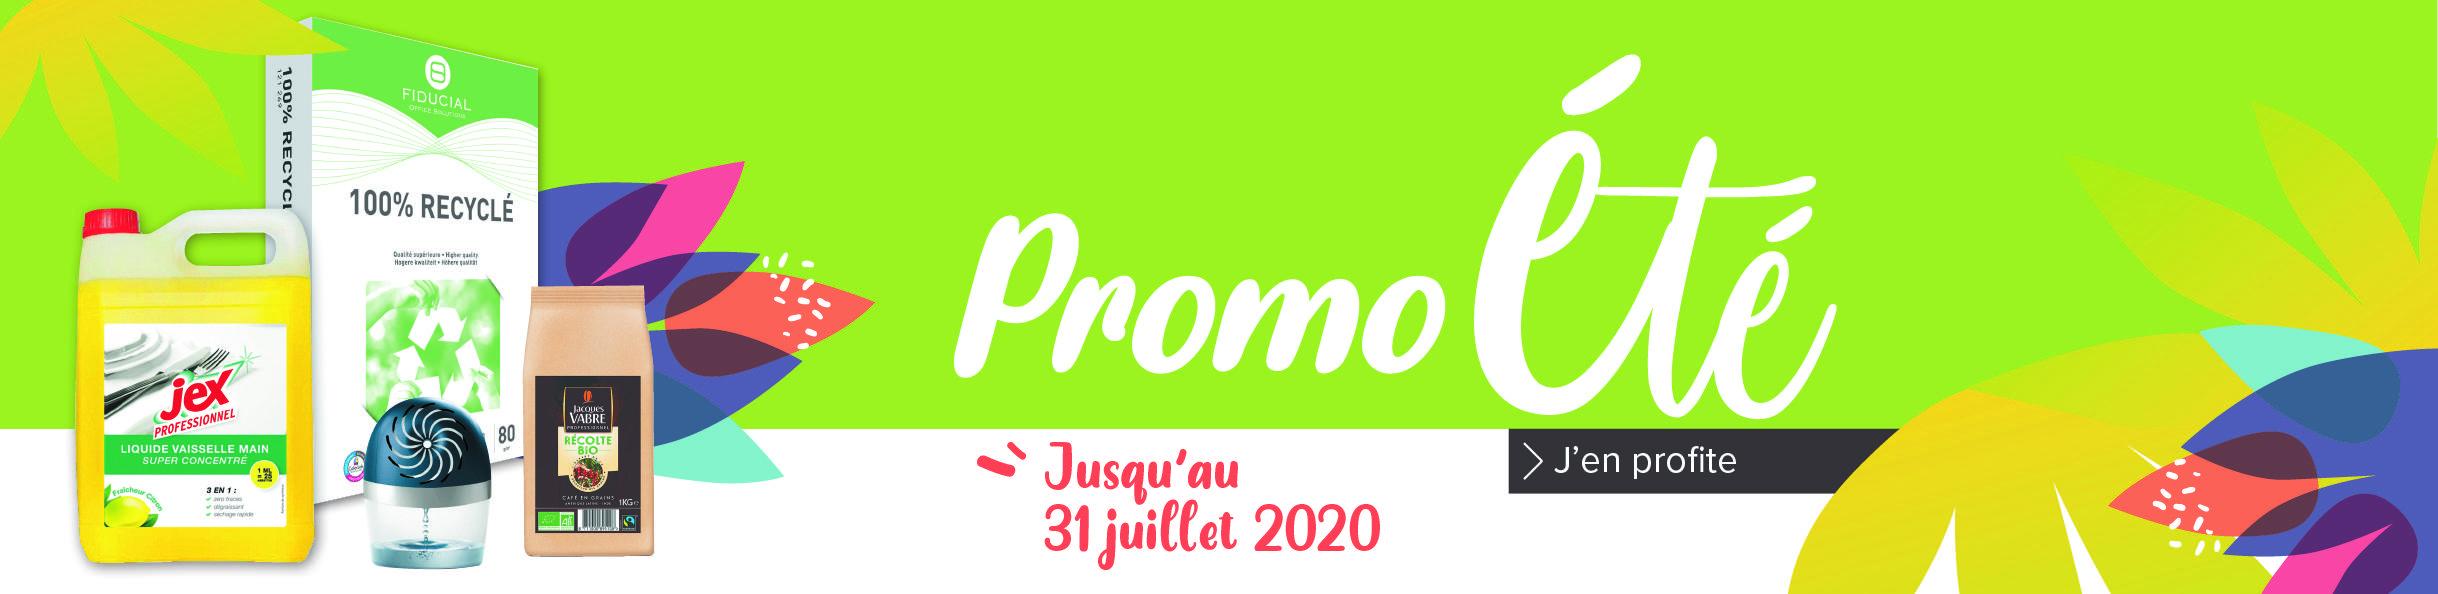 Promo Ete 2020